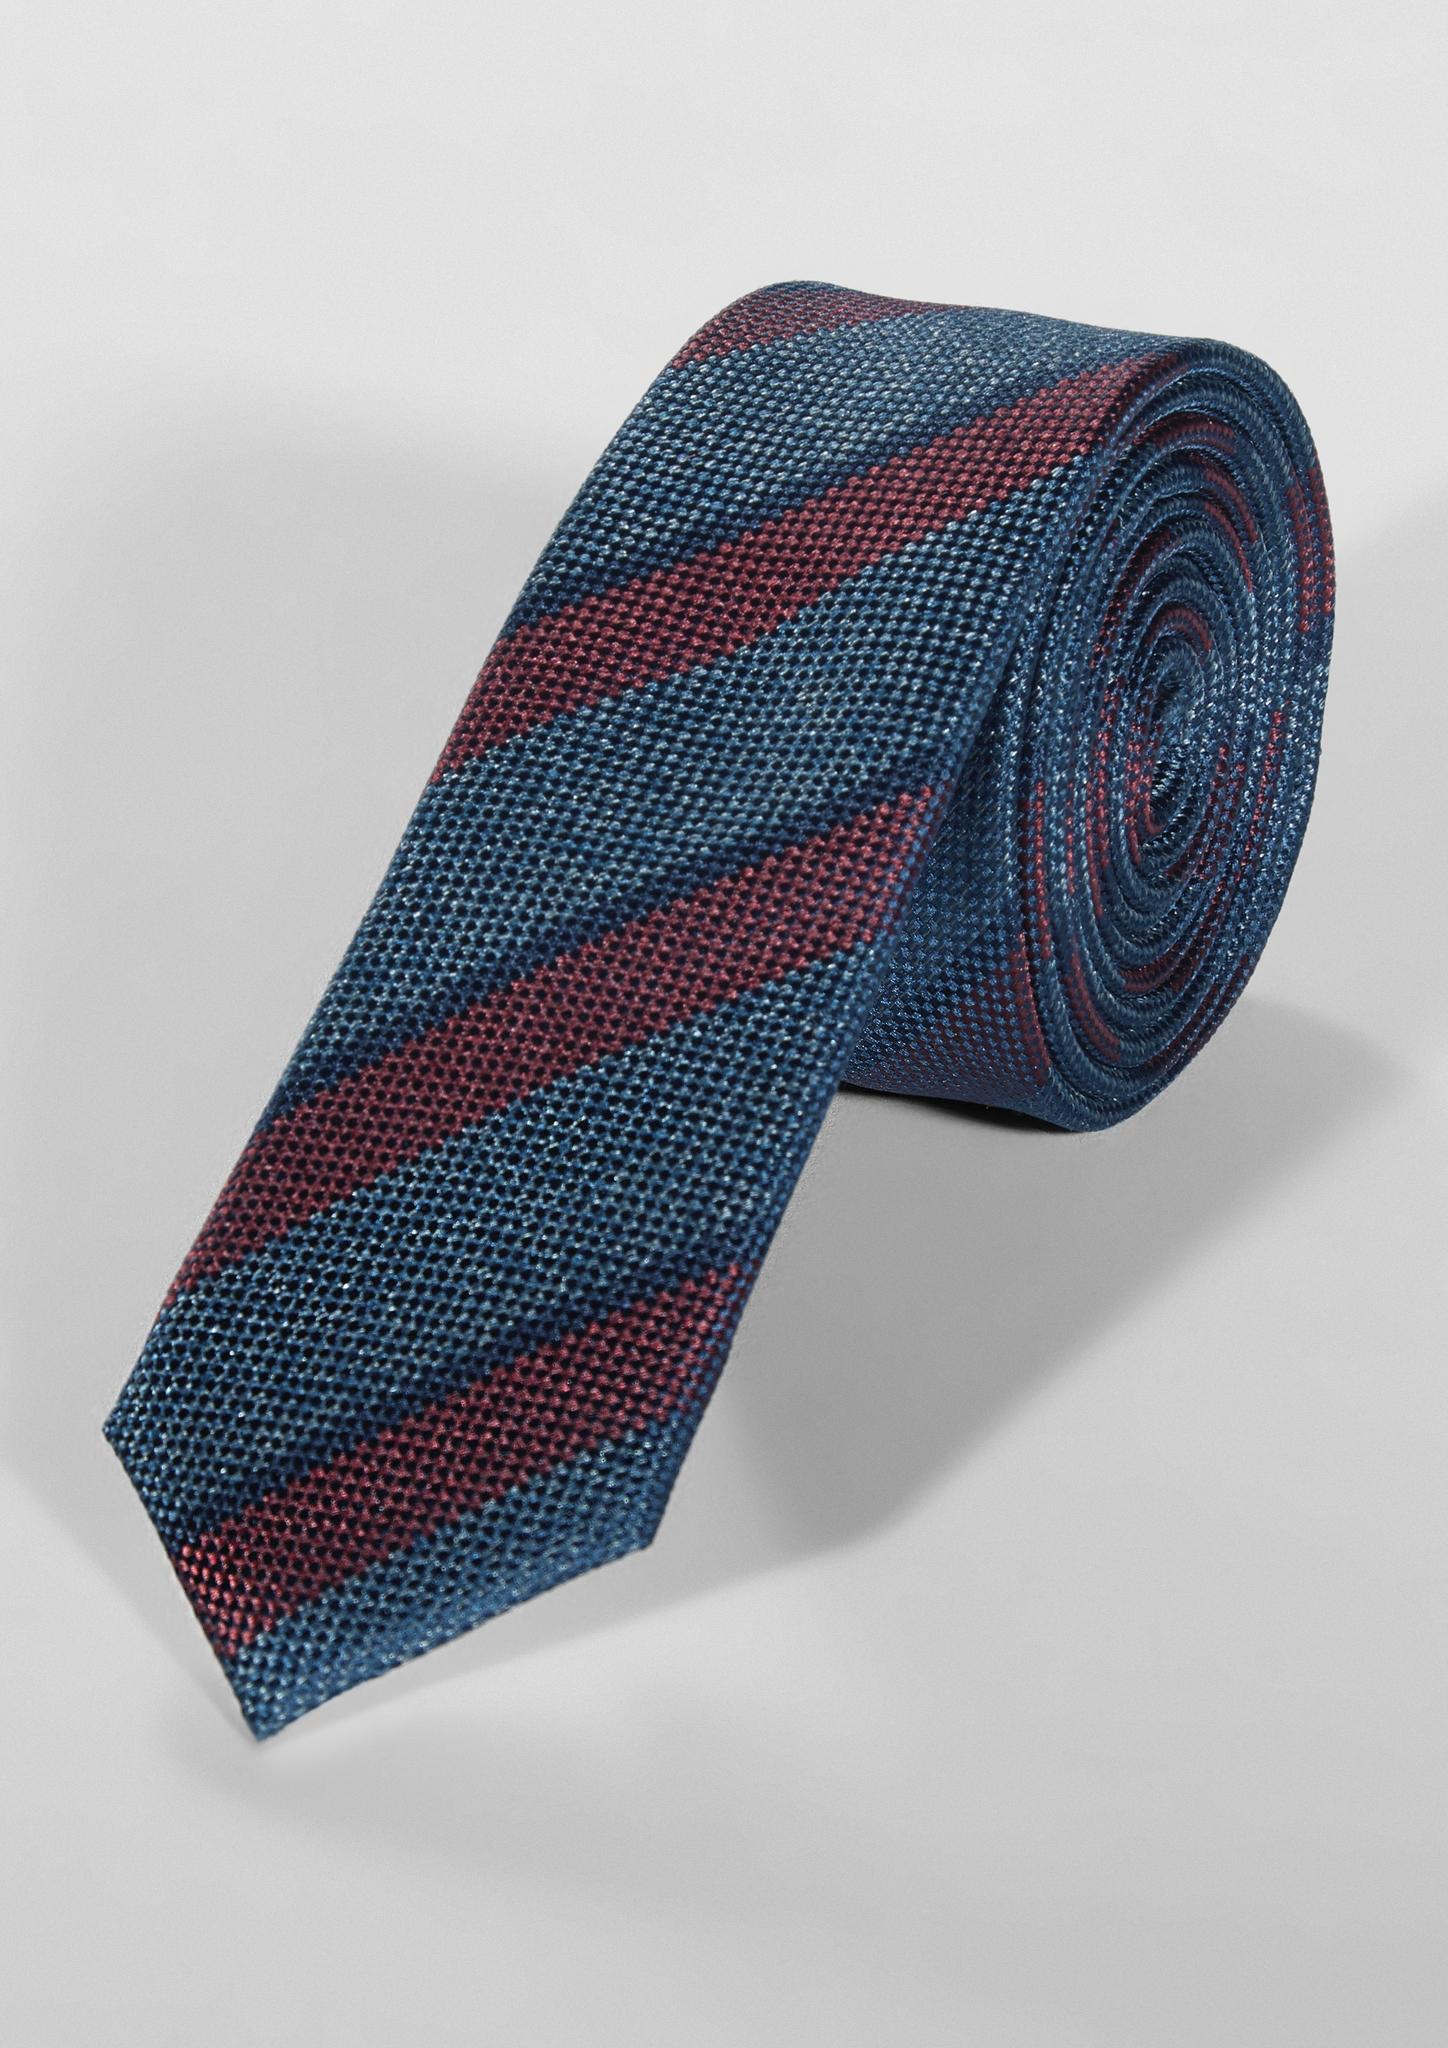 Krawatte | Accessoires | Blau | Obermaterial 100% seide| futter 100% polyester | s.Oliver BLACK LABEL